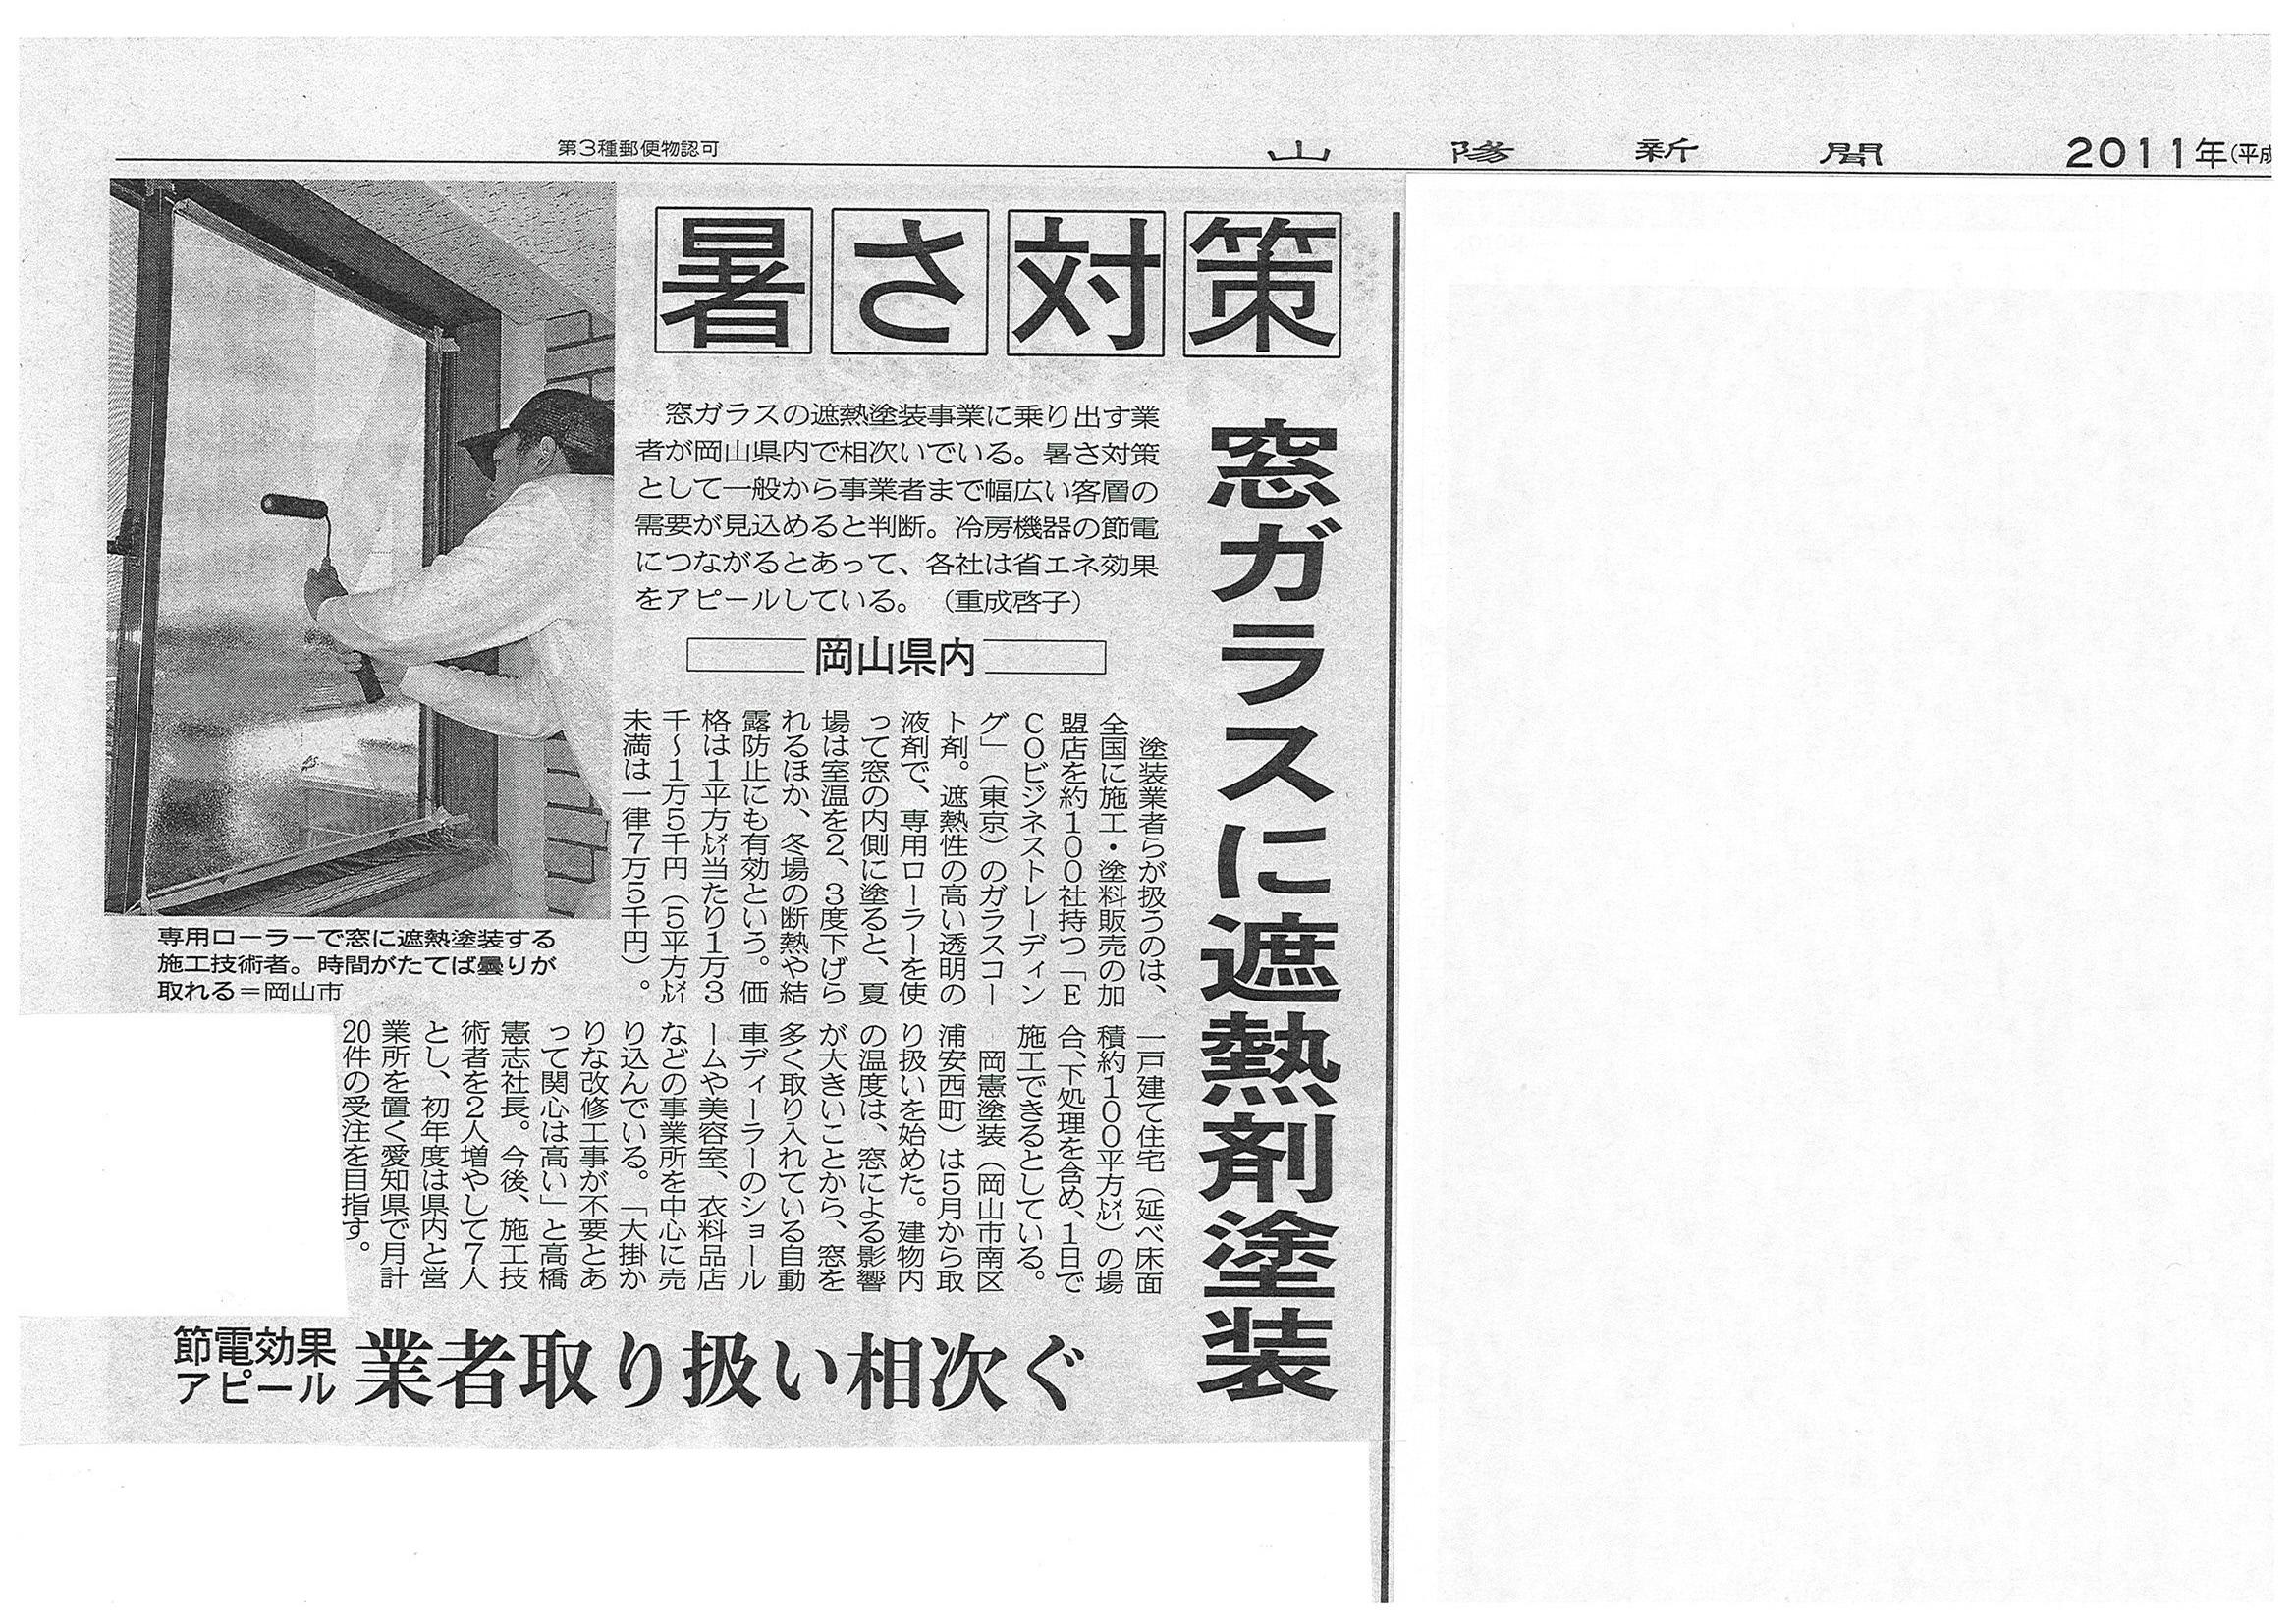 山陽新聞2011年7月12日(火)地方経済覧